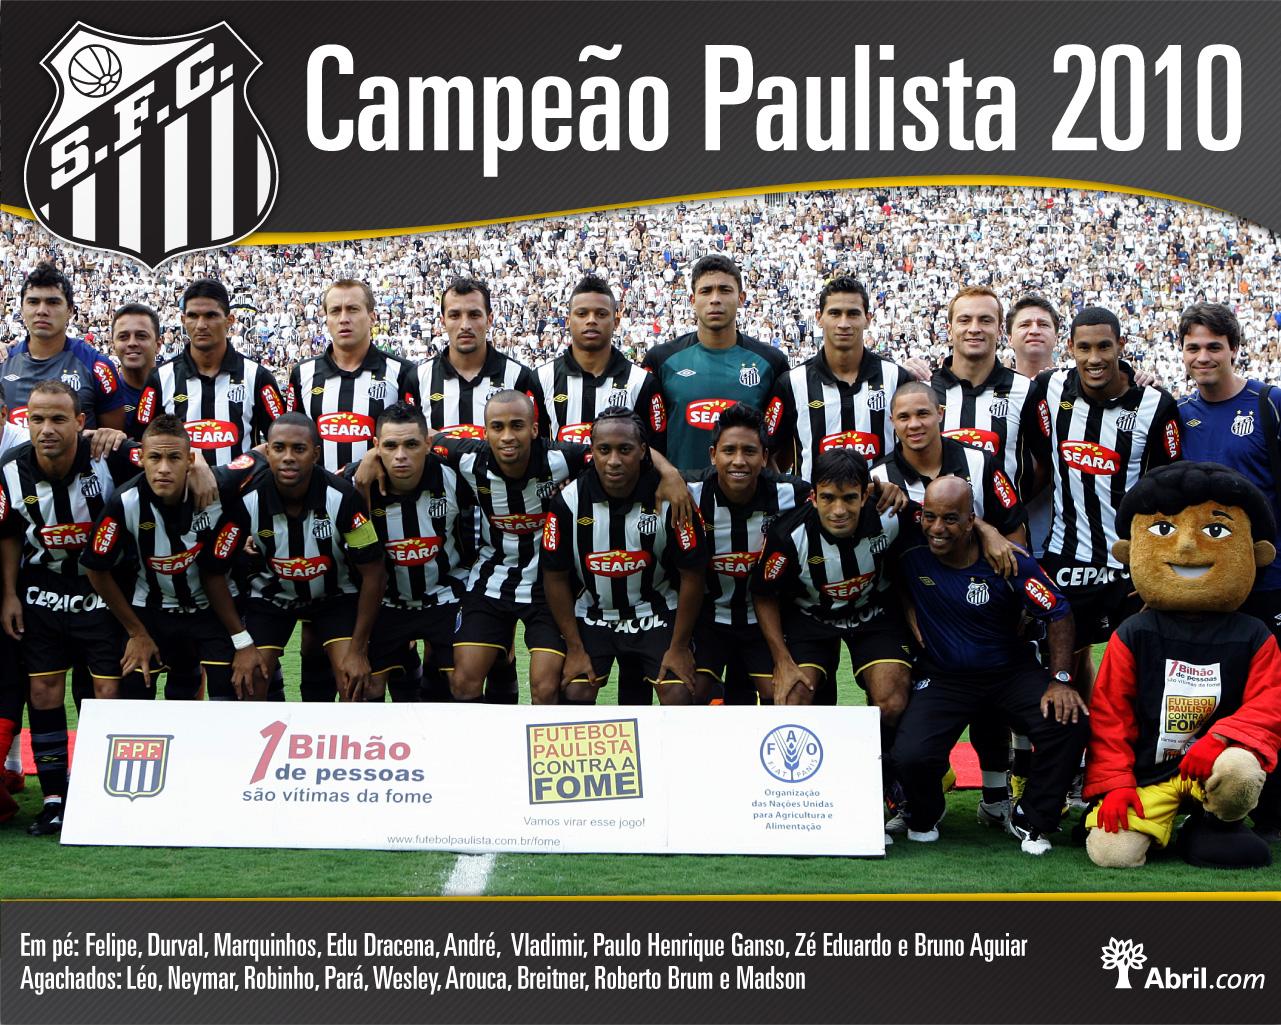 http://1.bp.blogspot.com/_PvAq_NSUwBs/TQuLbLUnDzI/AAAAAAAAA0s/UoU7qa9qyp8/s1600/wallpaper-capeonato+paulista-1280x1024.jpg